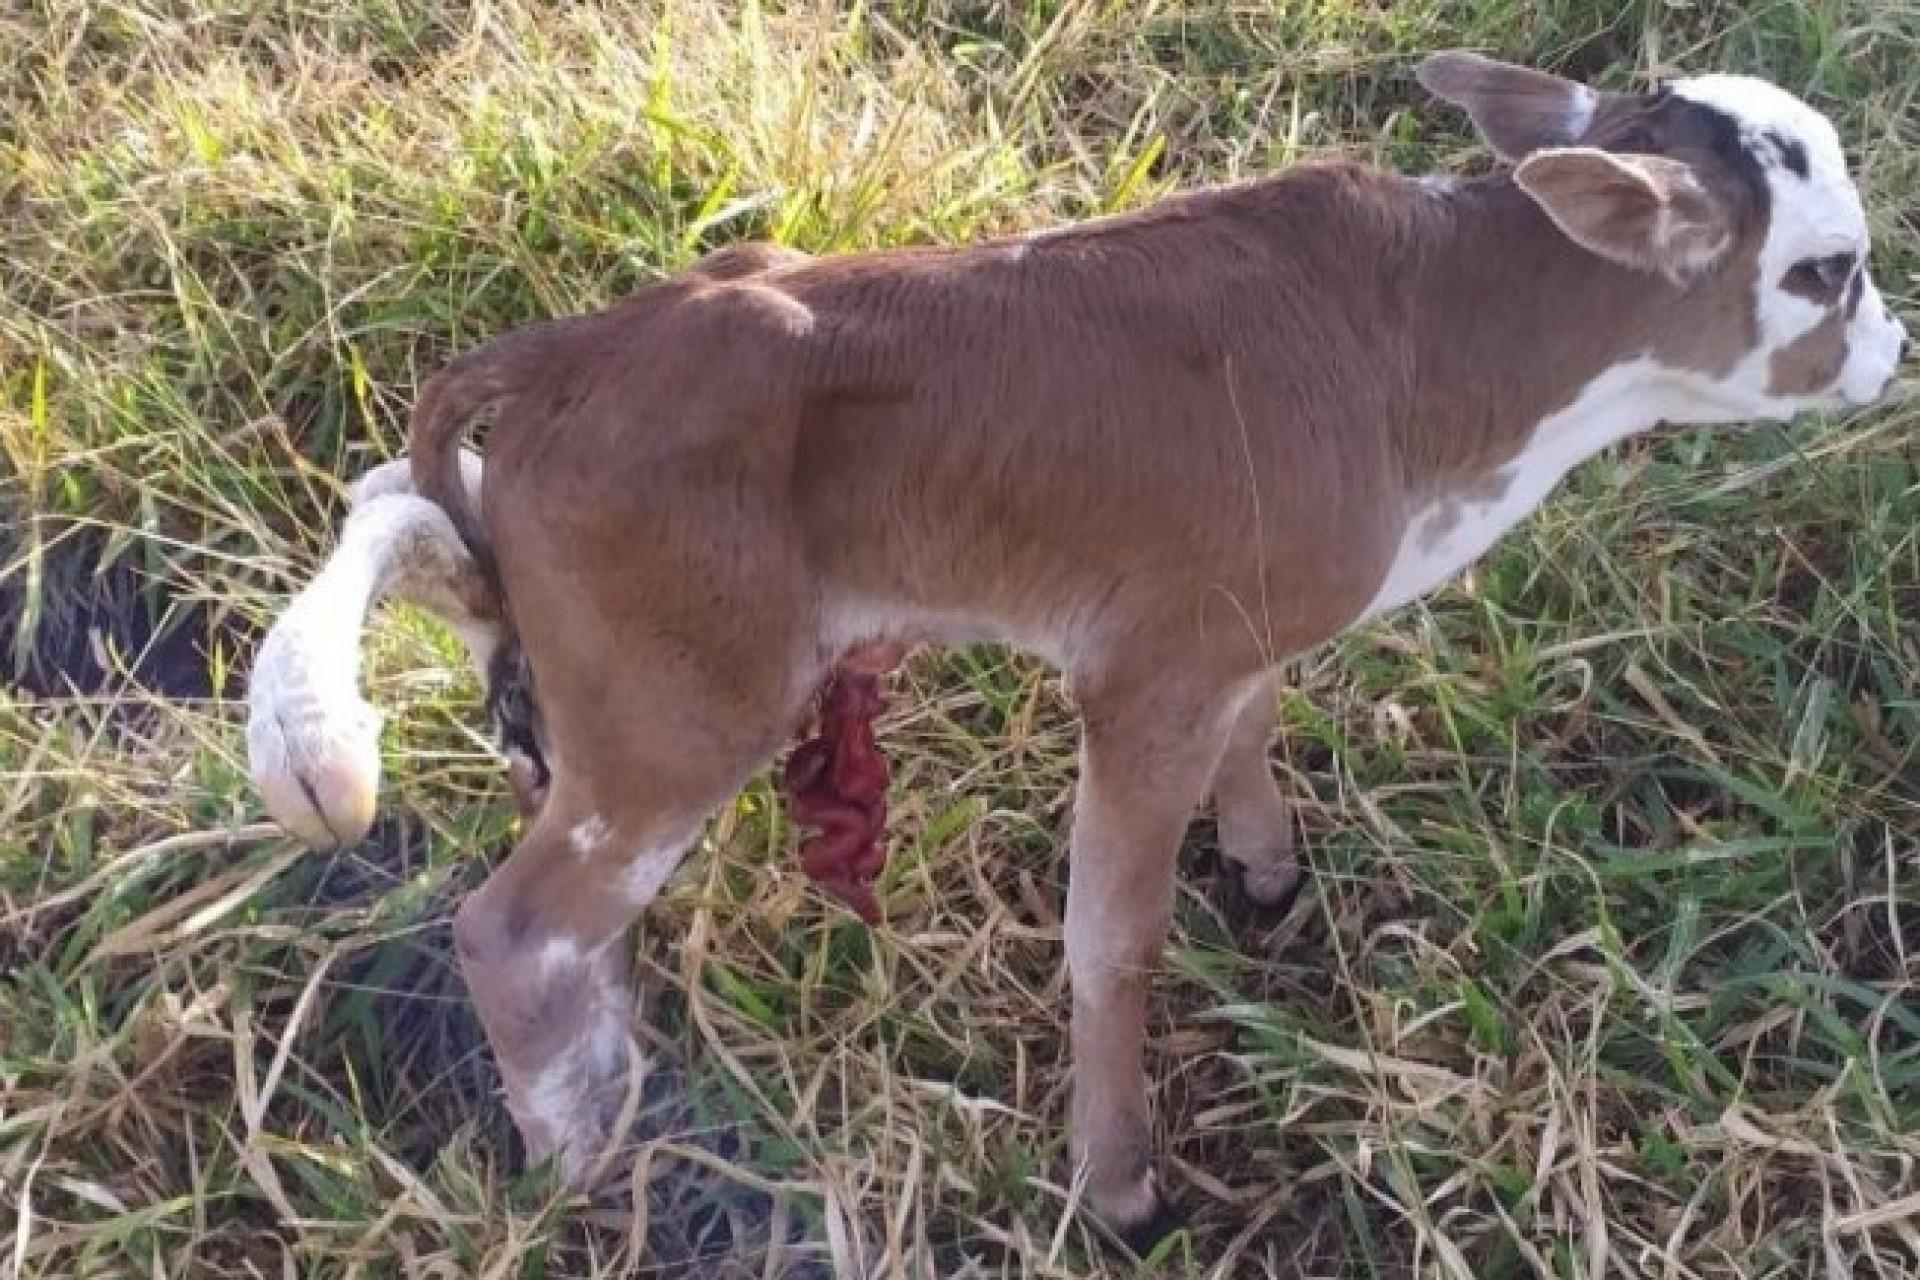 Bezerro de seis patas surpreende fazendeiro de Santa Helena; assista ao vídeo do animal inusitado